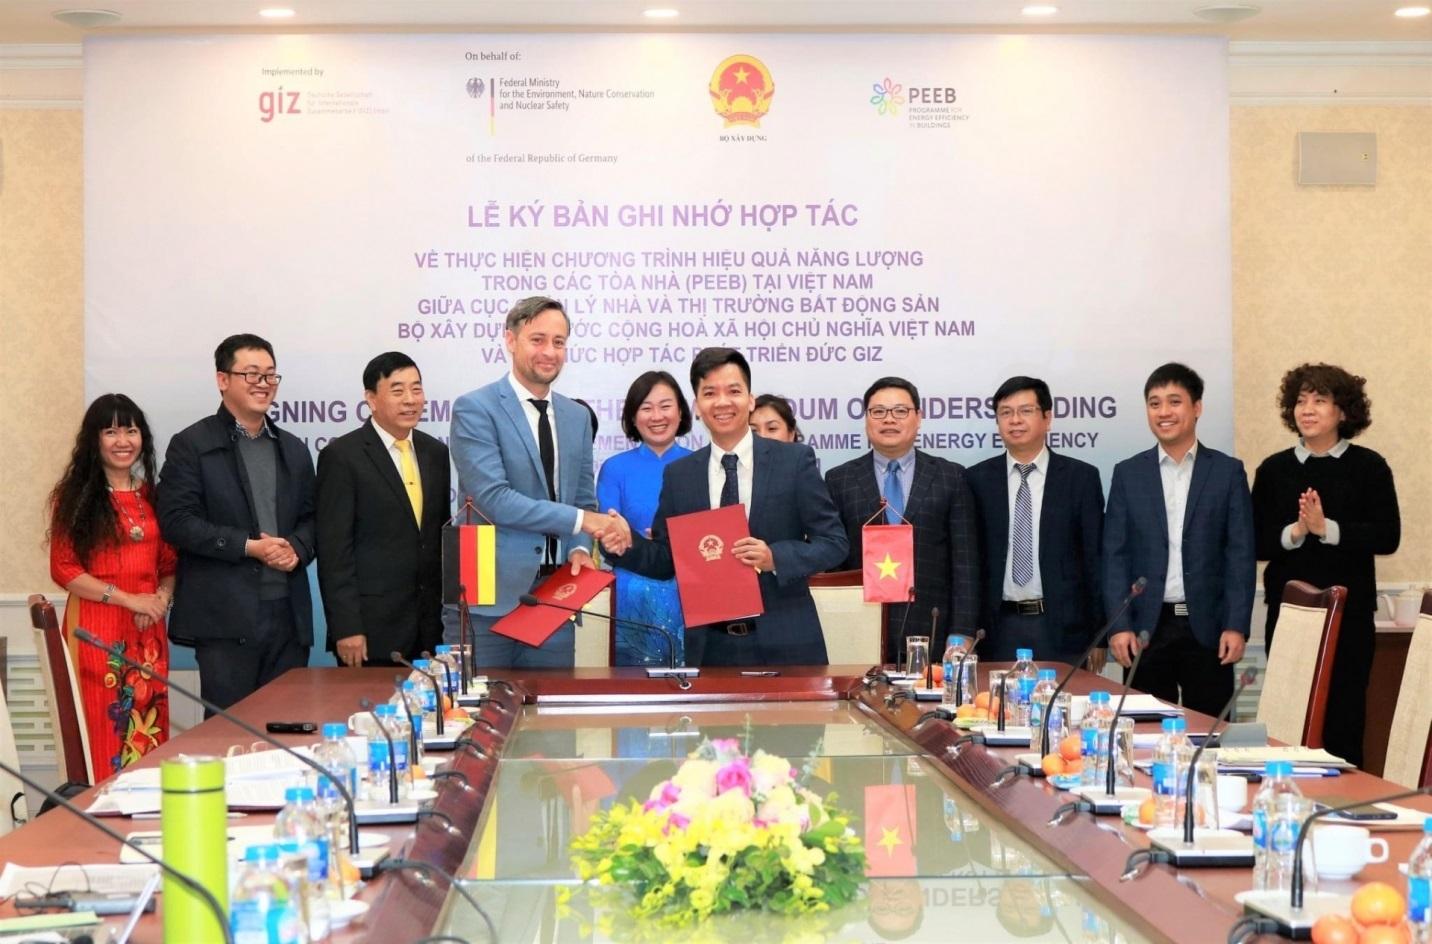 Bộ Xây dựng và GIZ ký Bản ghi nhớ hợp tác Chương trình nhà ở xanh Việt Nam 2021 – 2025